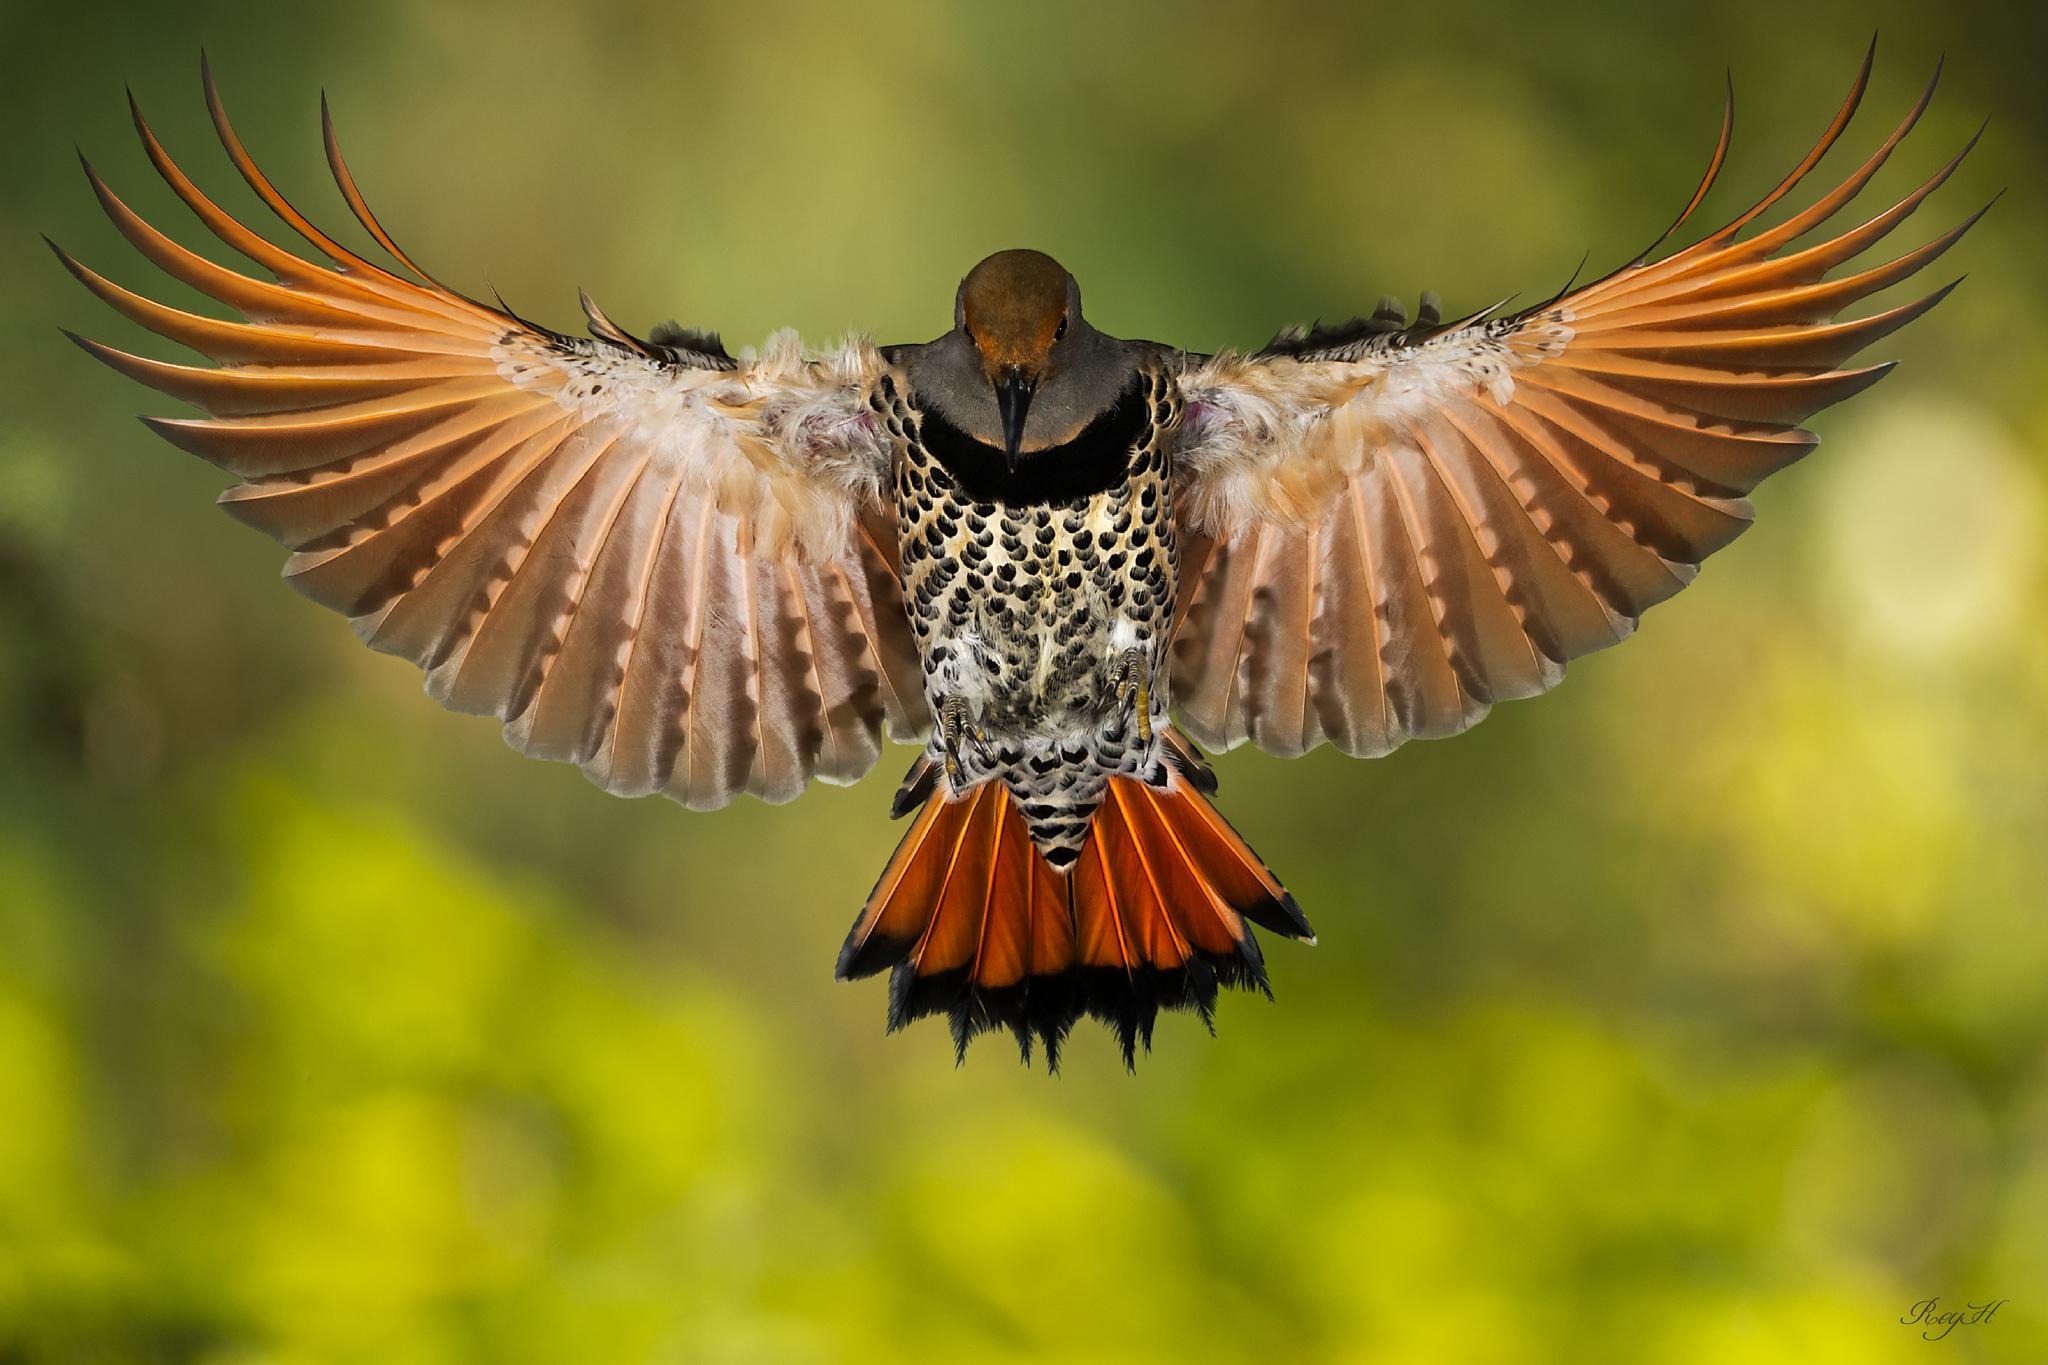 крыло птицы фотографии двойном шплинте